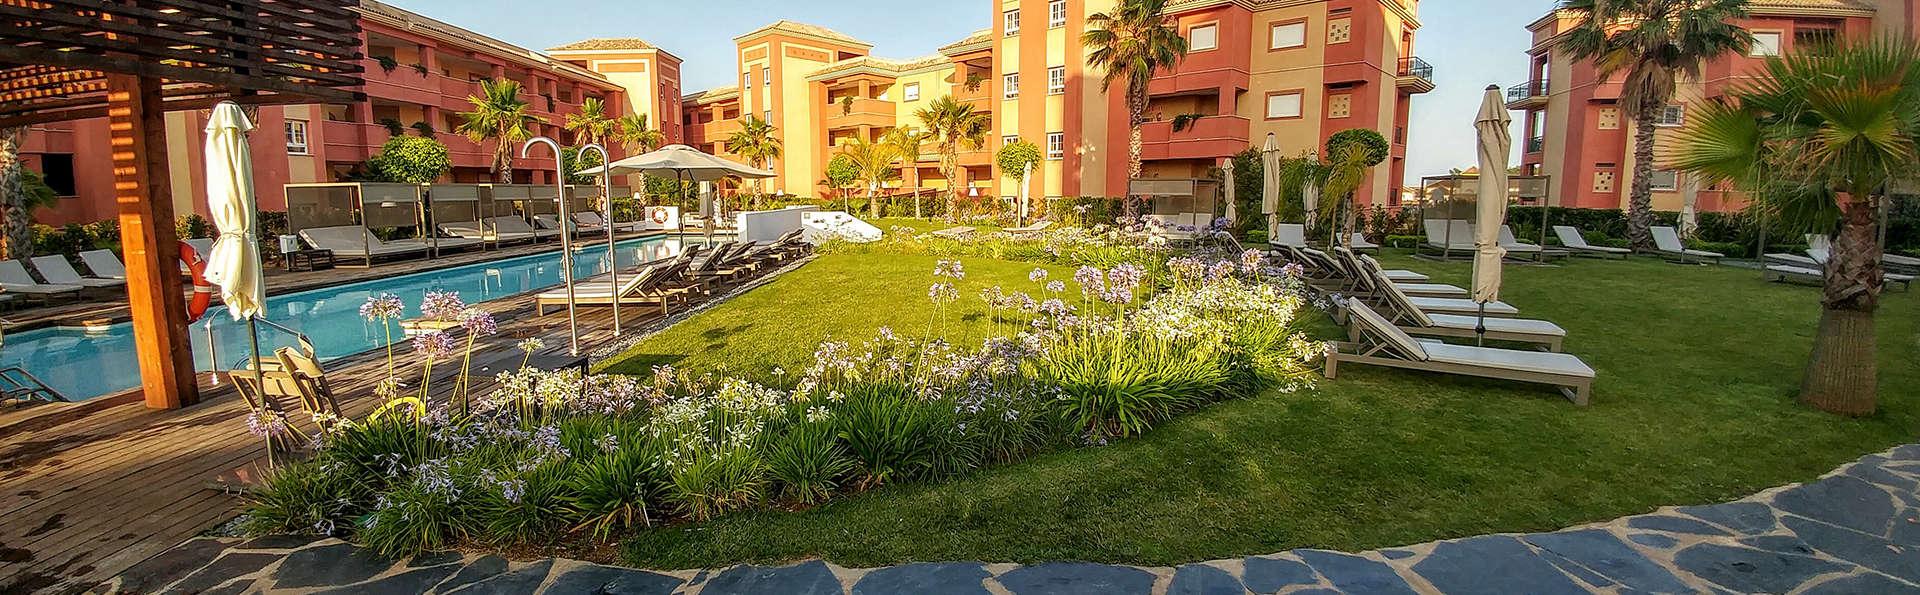 Sentido AMA Islantilla - edit_Hotel-Property-5.jpg